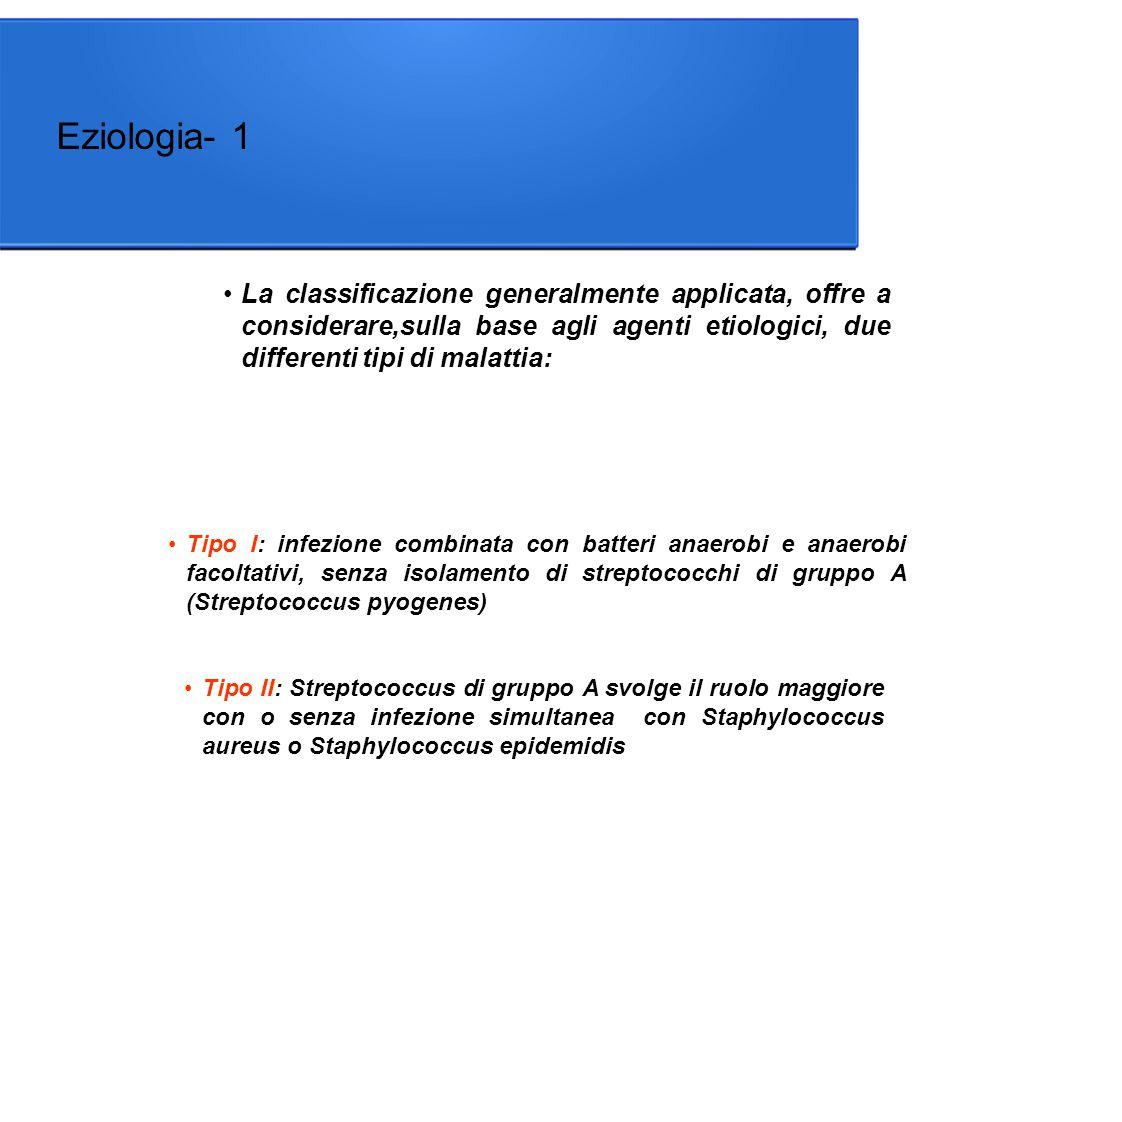 Eziologia- 1 La classificazione generalmente applicata, offre a considerare,sulla base agli agenti etiologici, due differenti tipi di malattia: